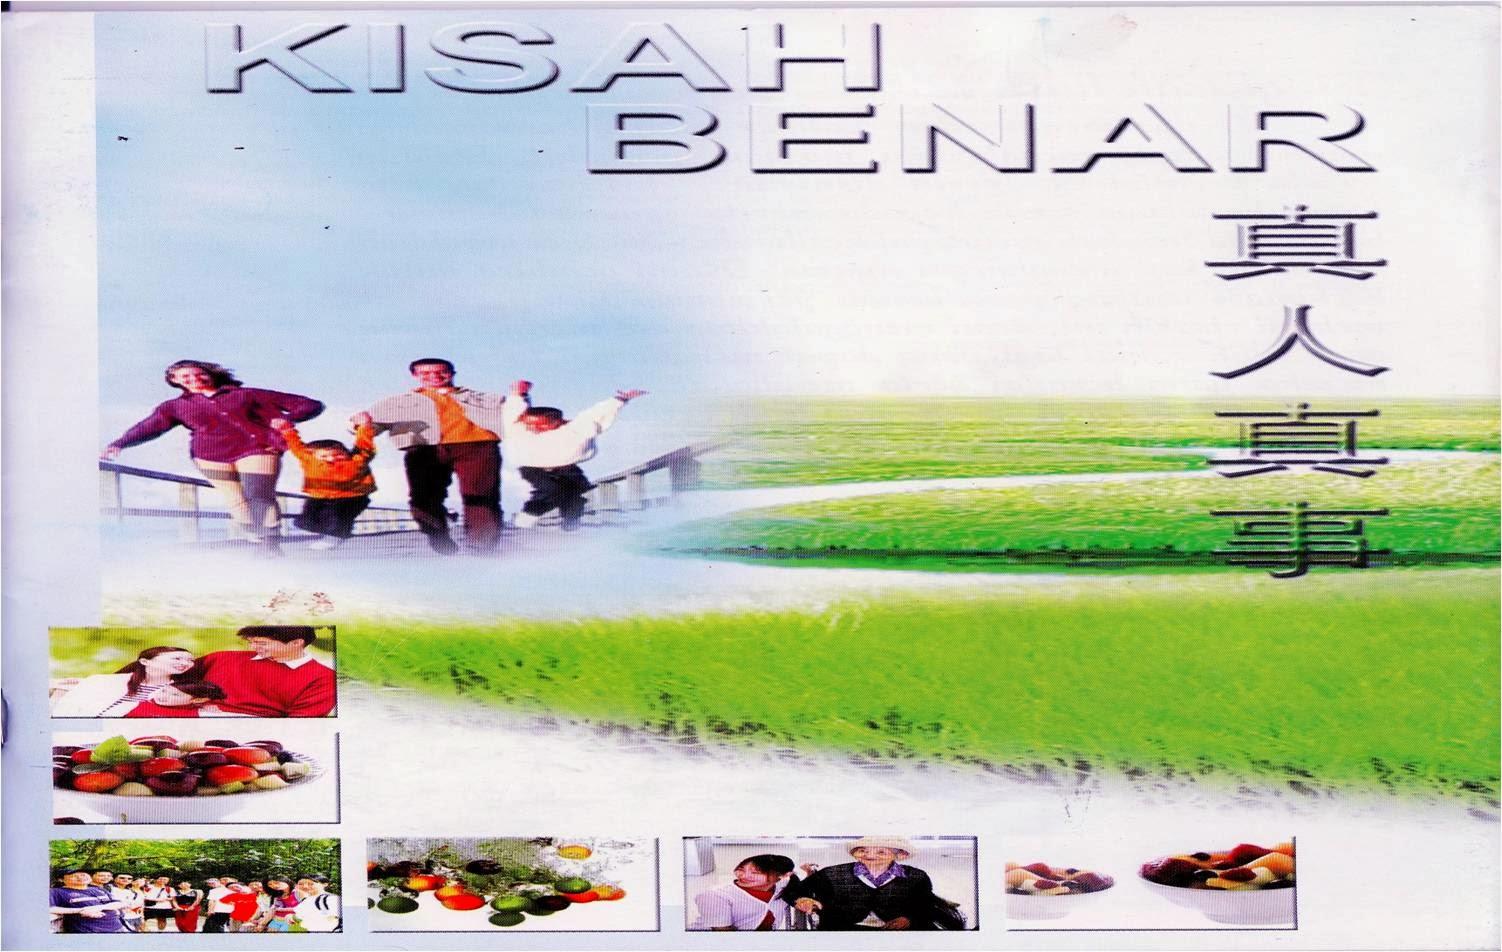 KISAH BENAR